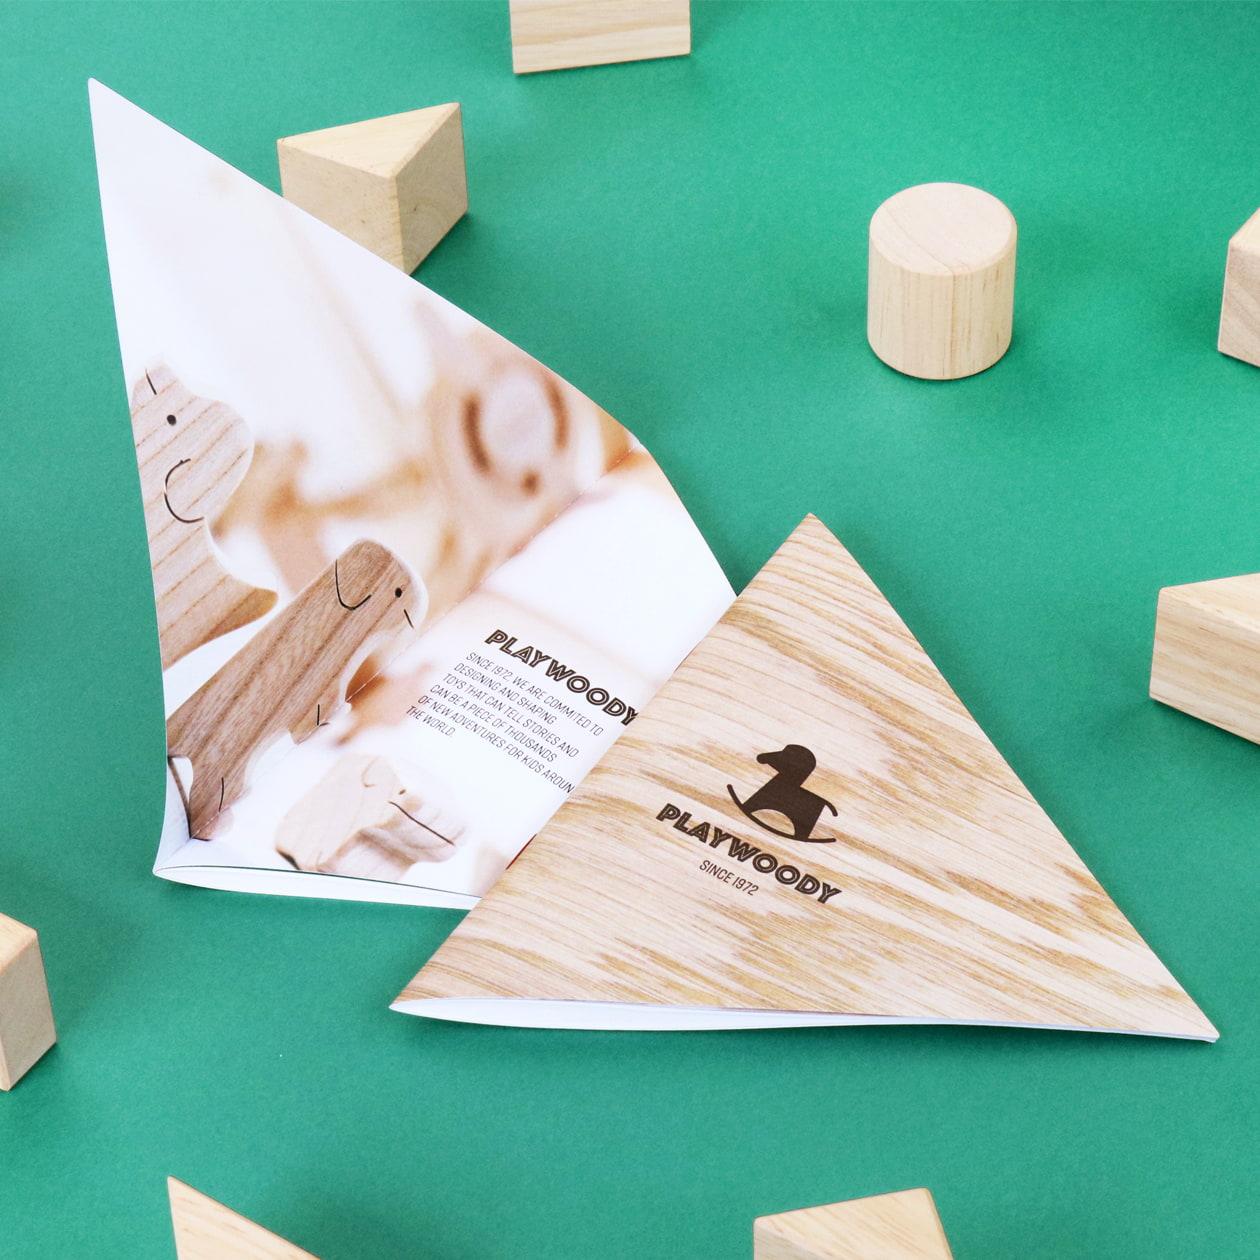 木製おもちゃメーカーの商品カタログ